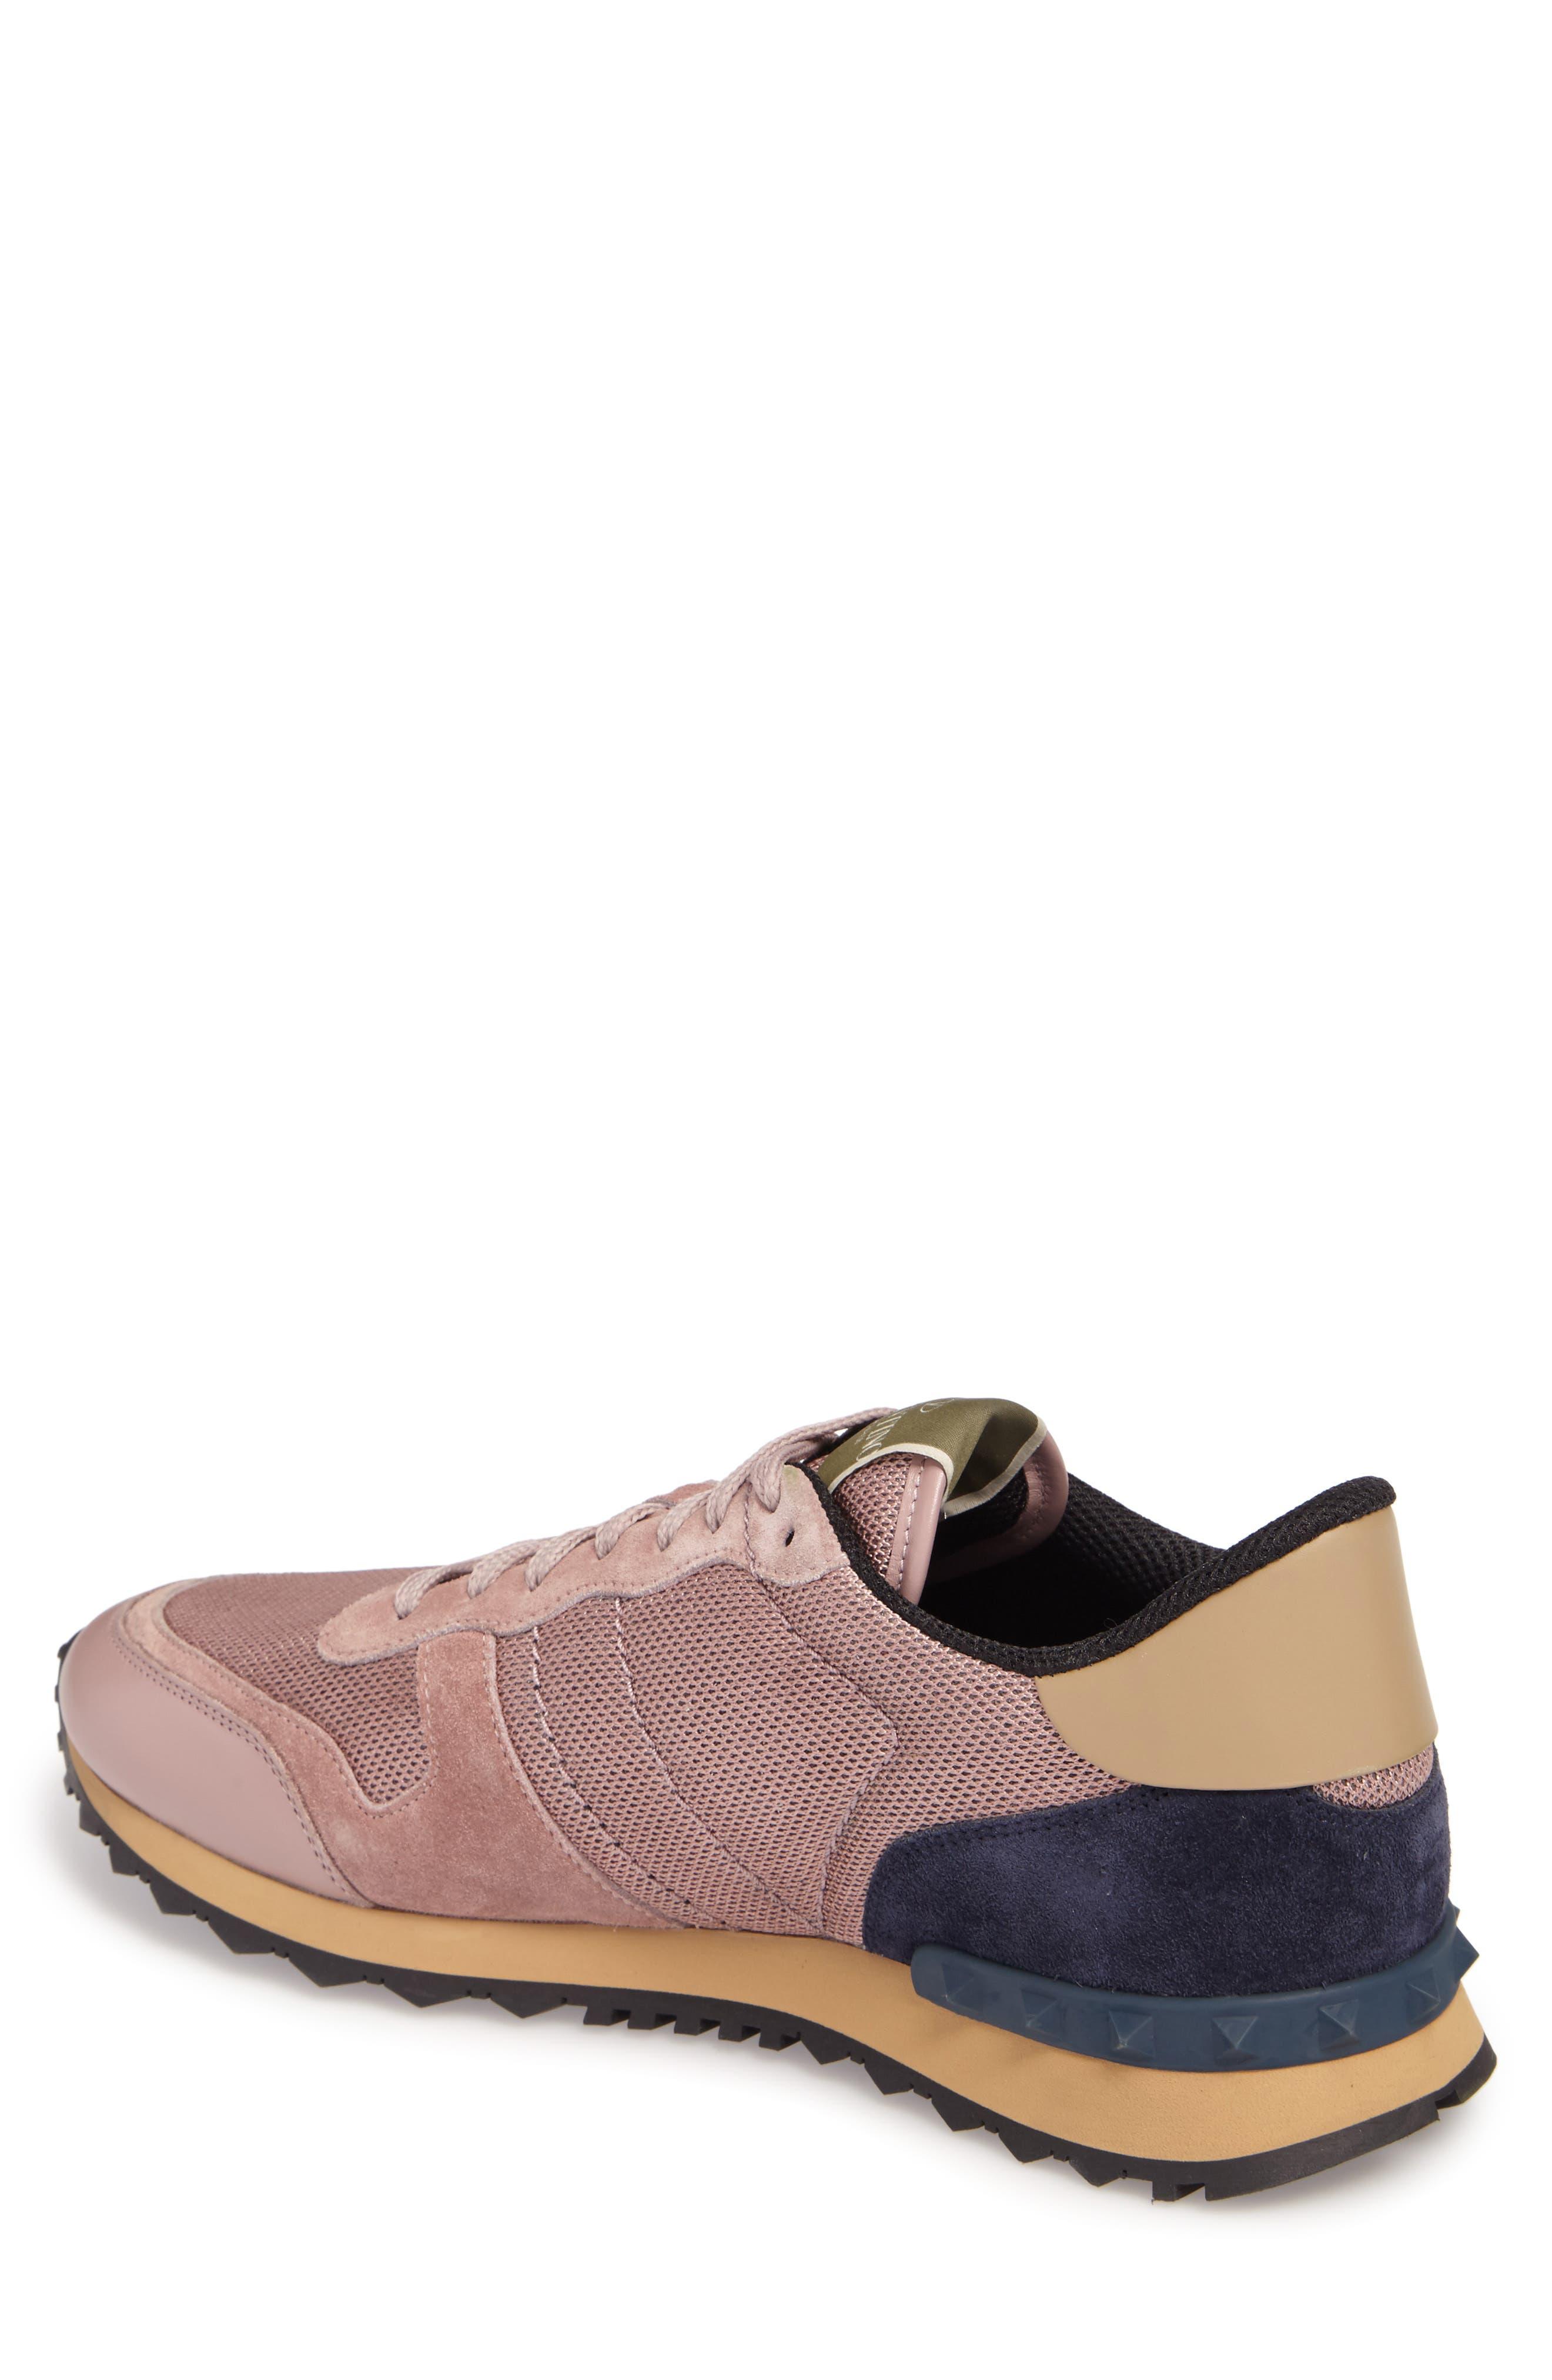 Nylon Rockrunner Sneaker,                             Alternate thumbnail 2, color,                             Lipstick